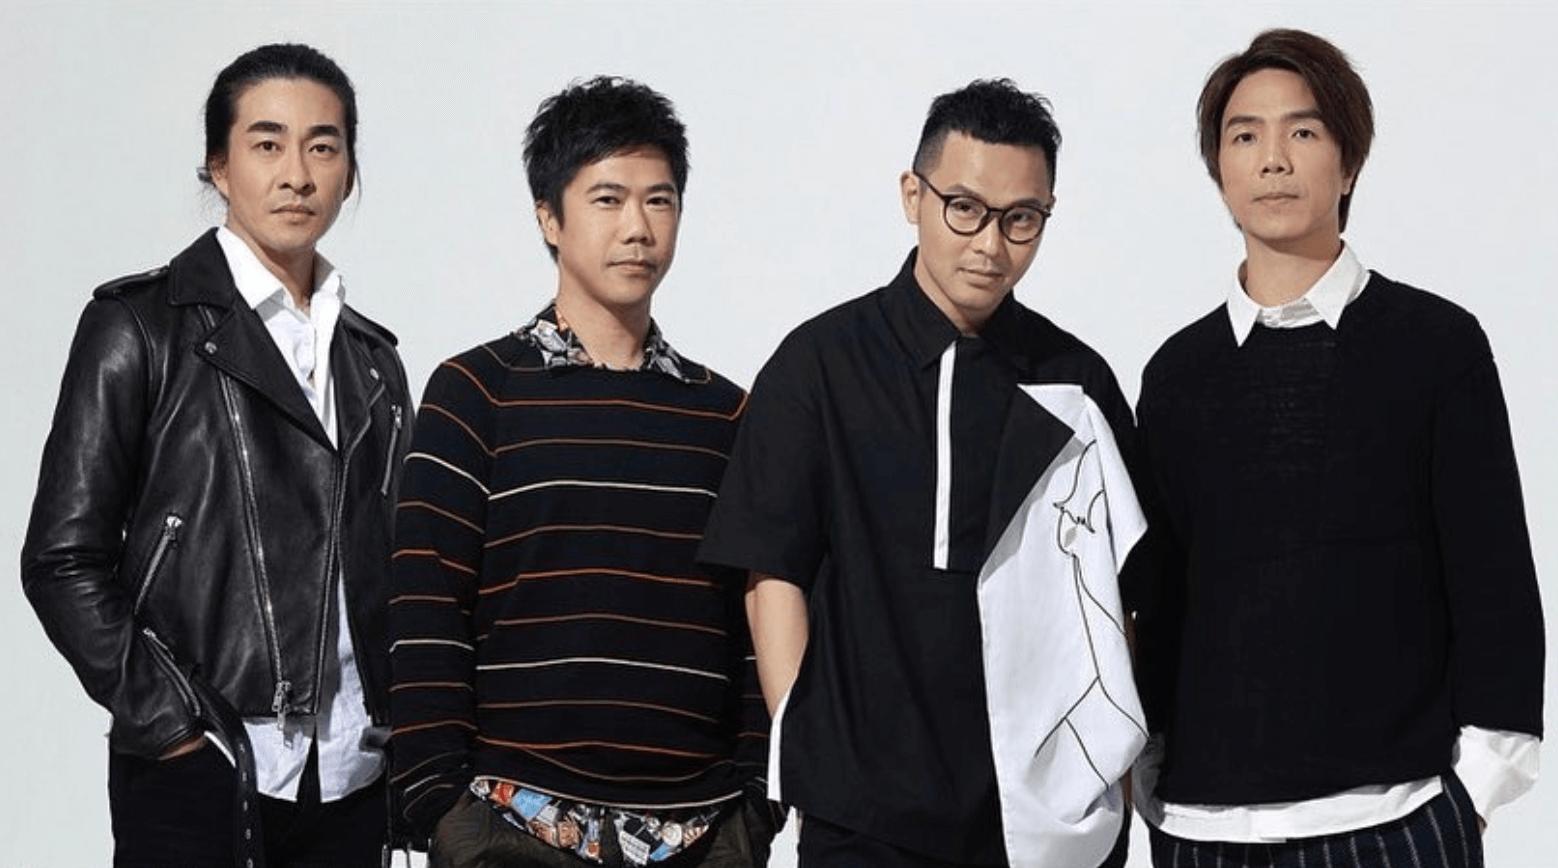 RubberBand改編《天光了》為香港人打氣 - 本地 - 明周娛樂